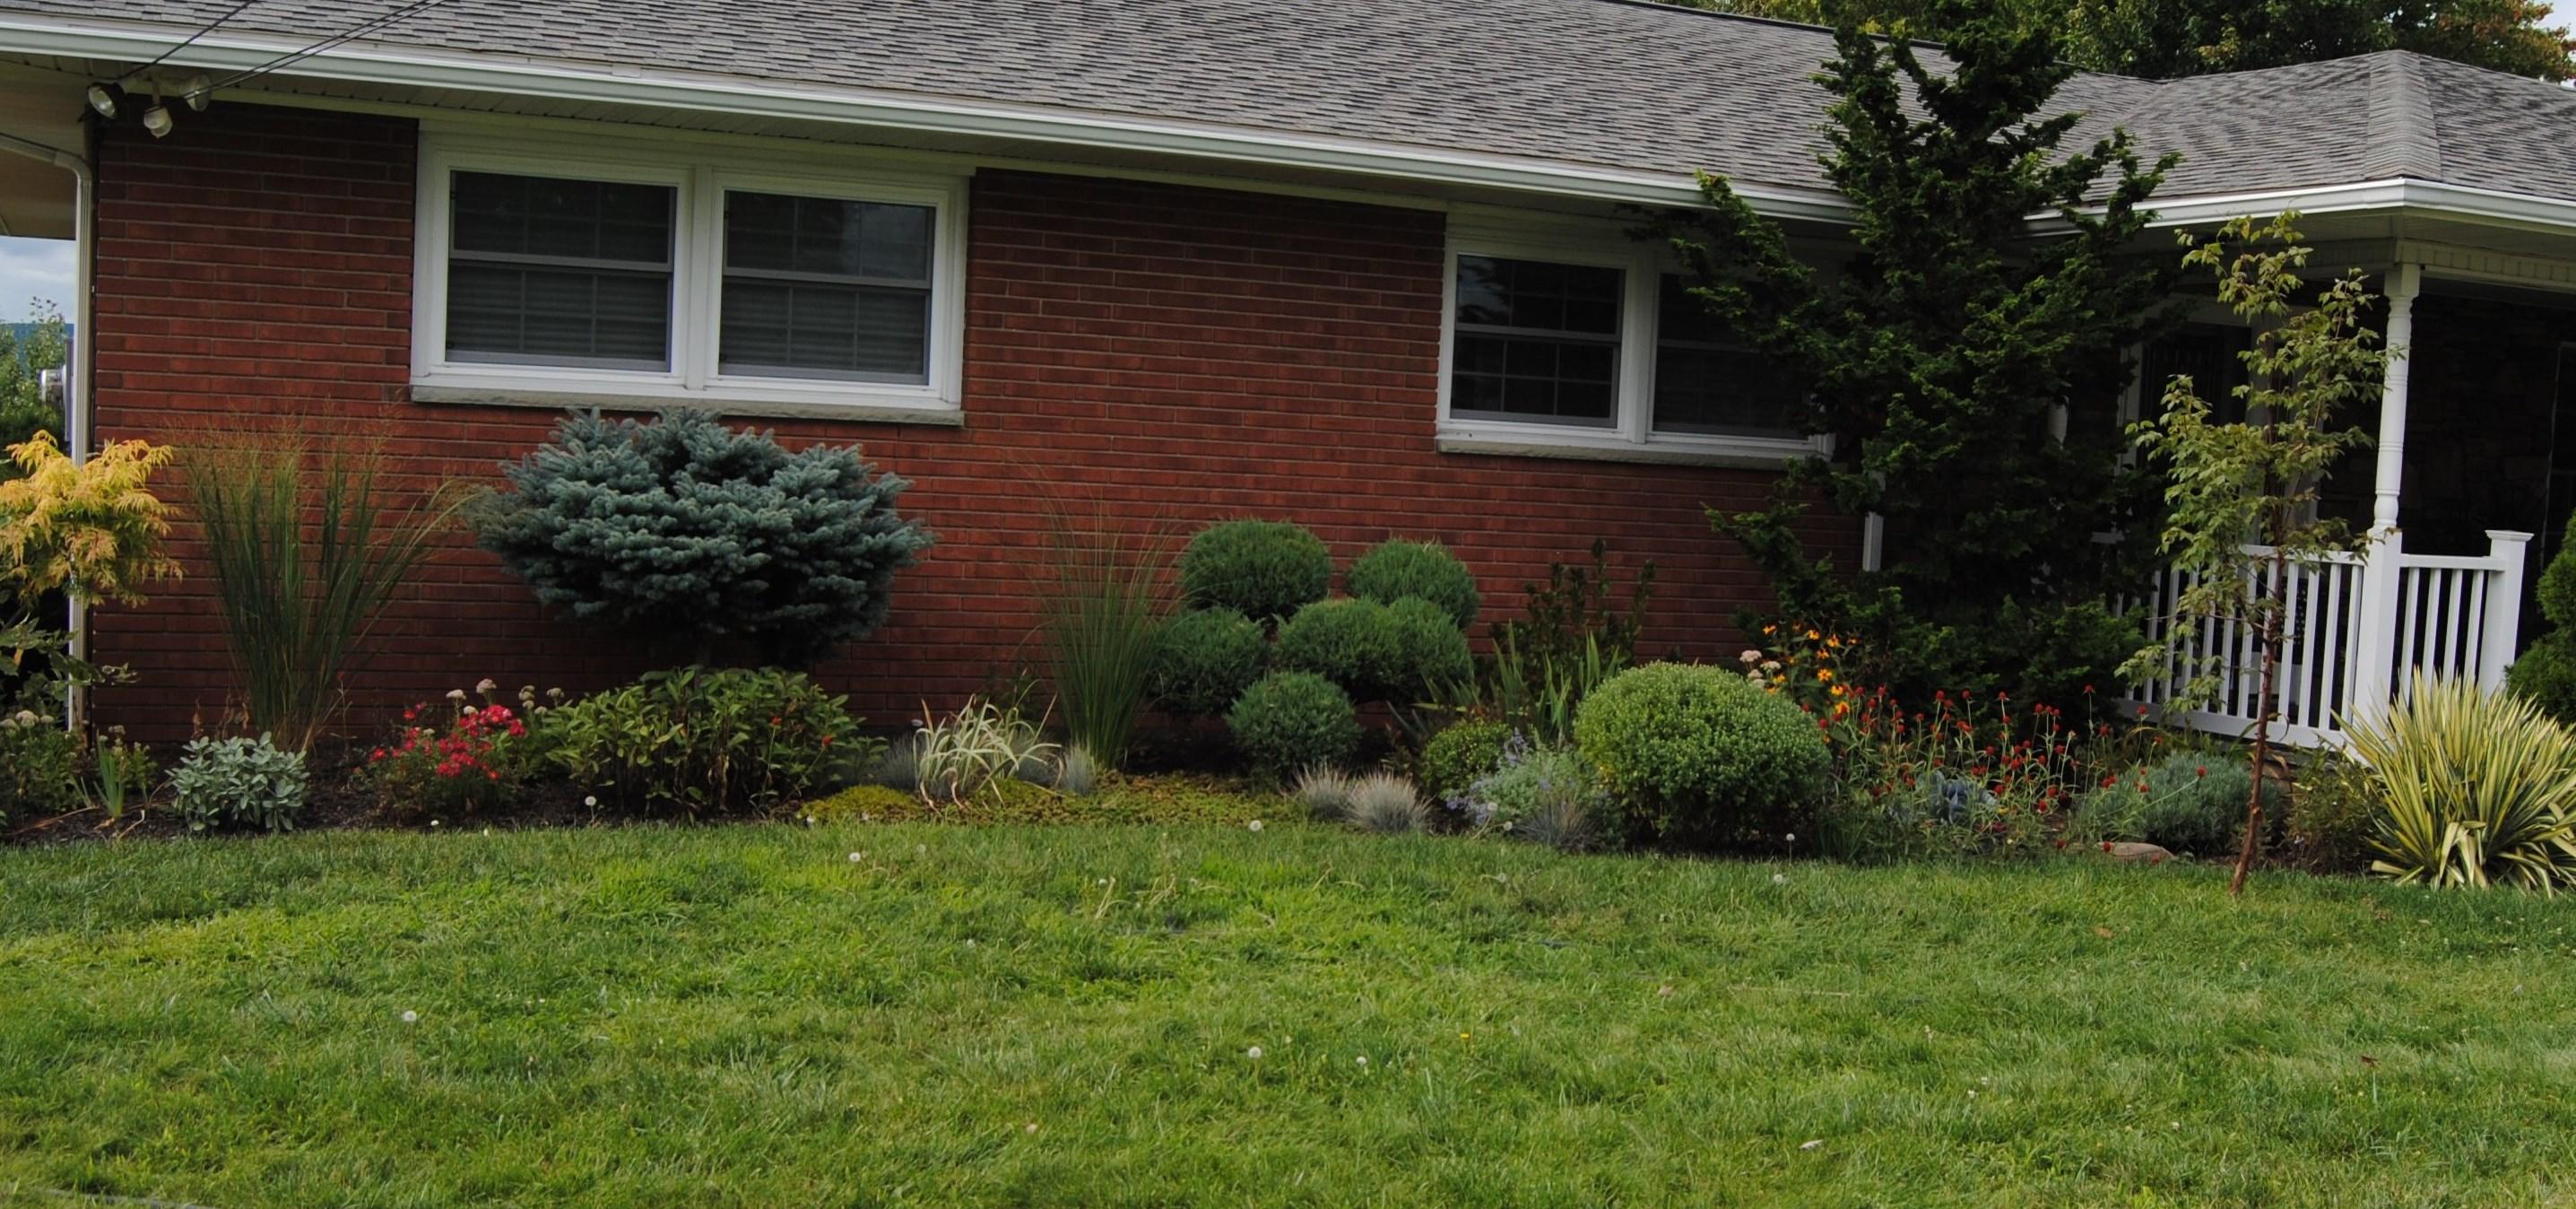 New flower bed sorta like suburbia for Juniper house garden design